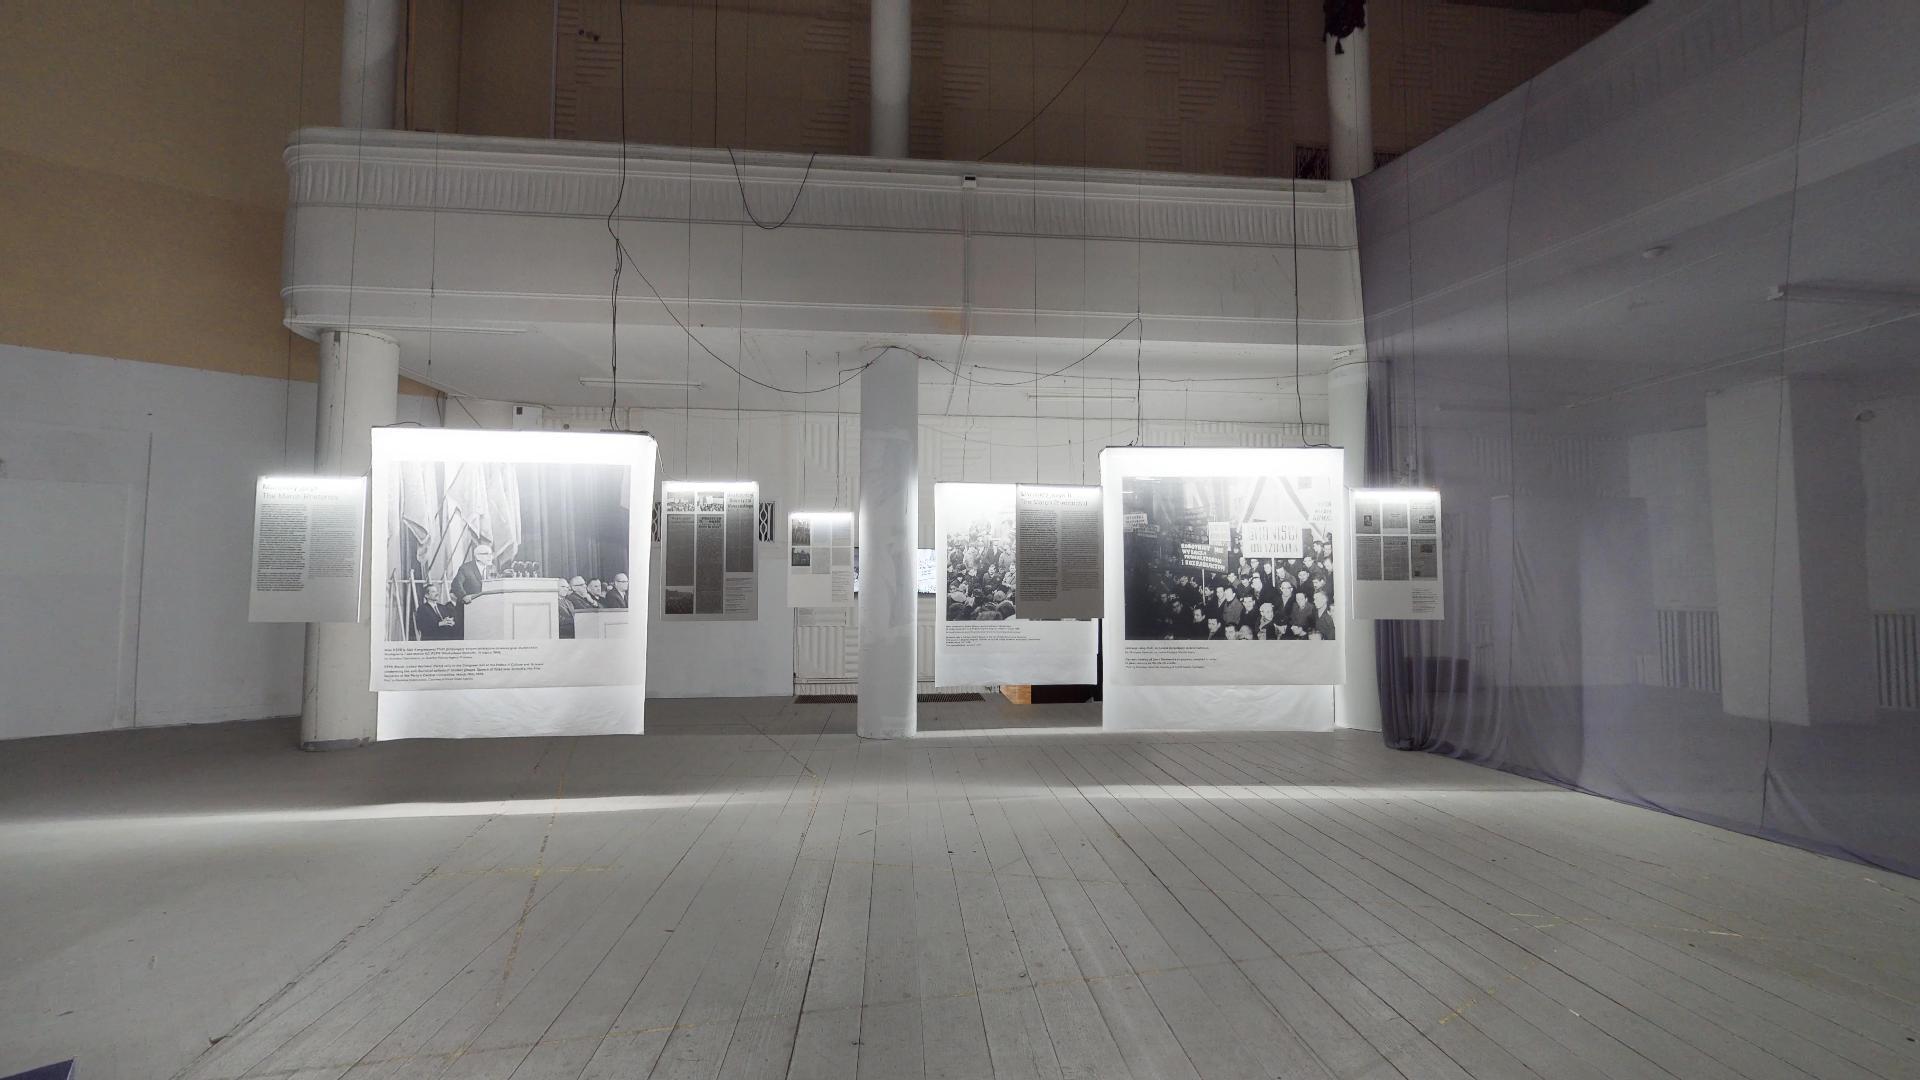 wirtualny spacer po wystawie muzeum